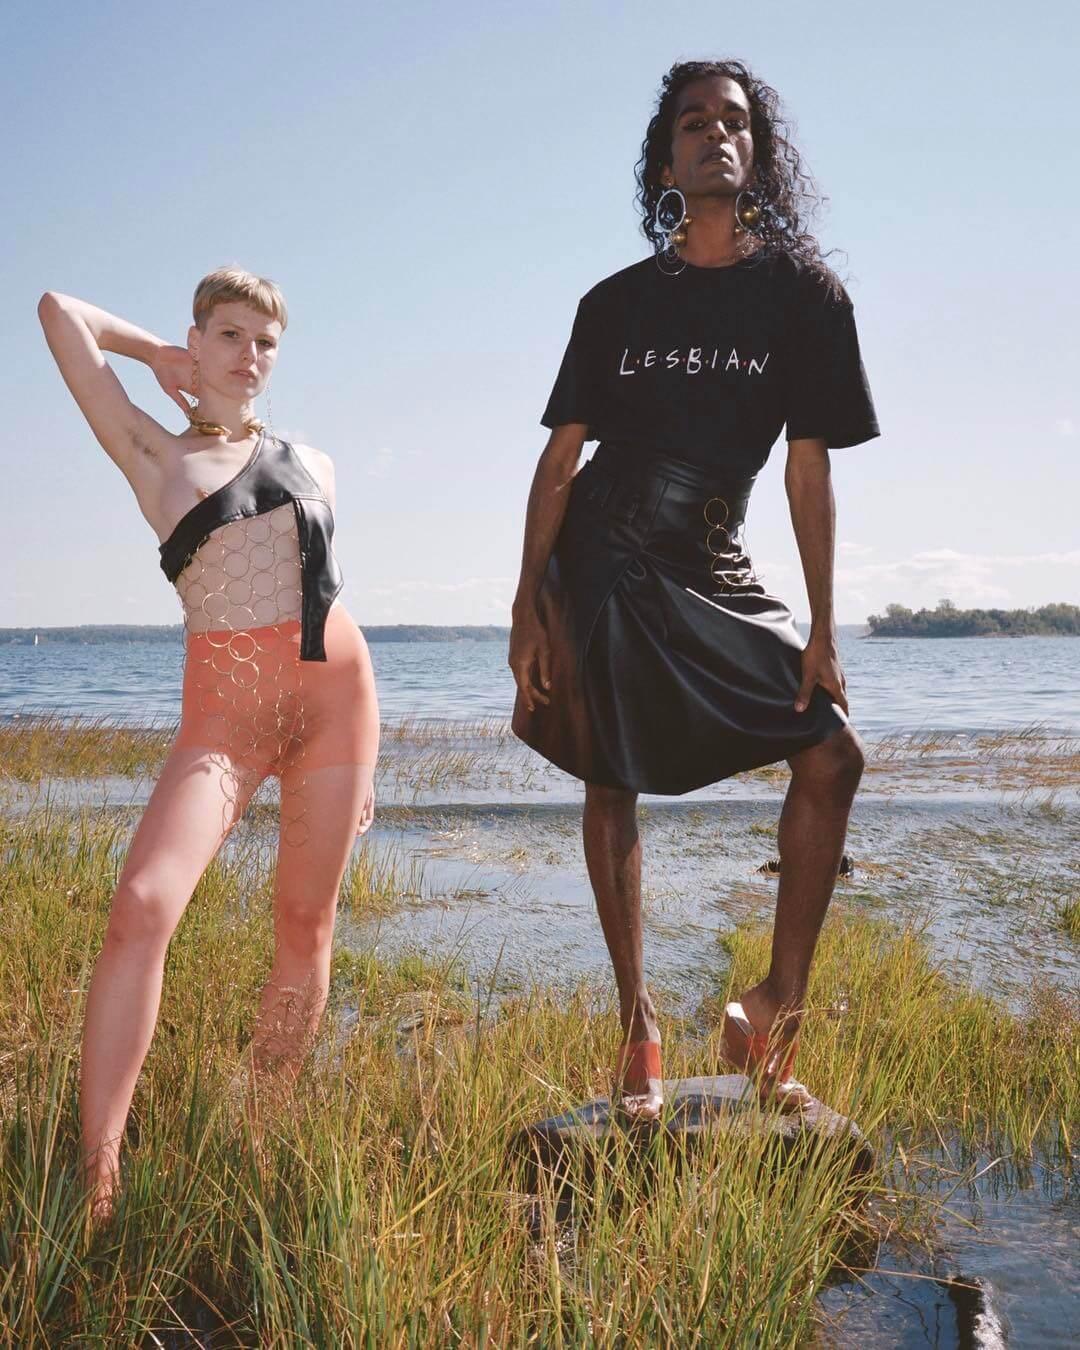 Victor Barragán: El diseñador mexicano que llevará streetwear tribal y cultura pop a la NYFW